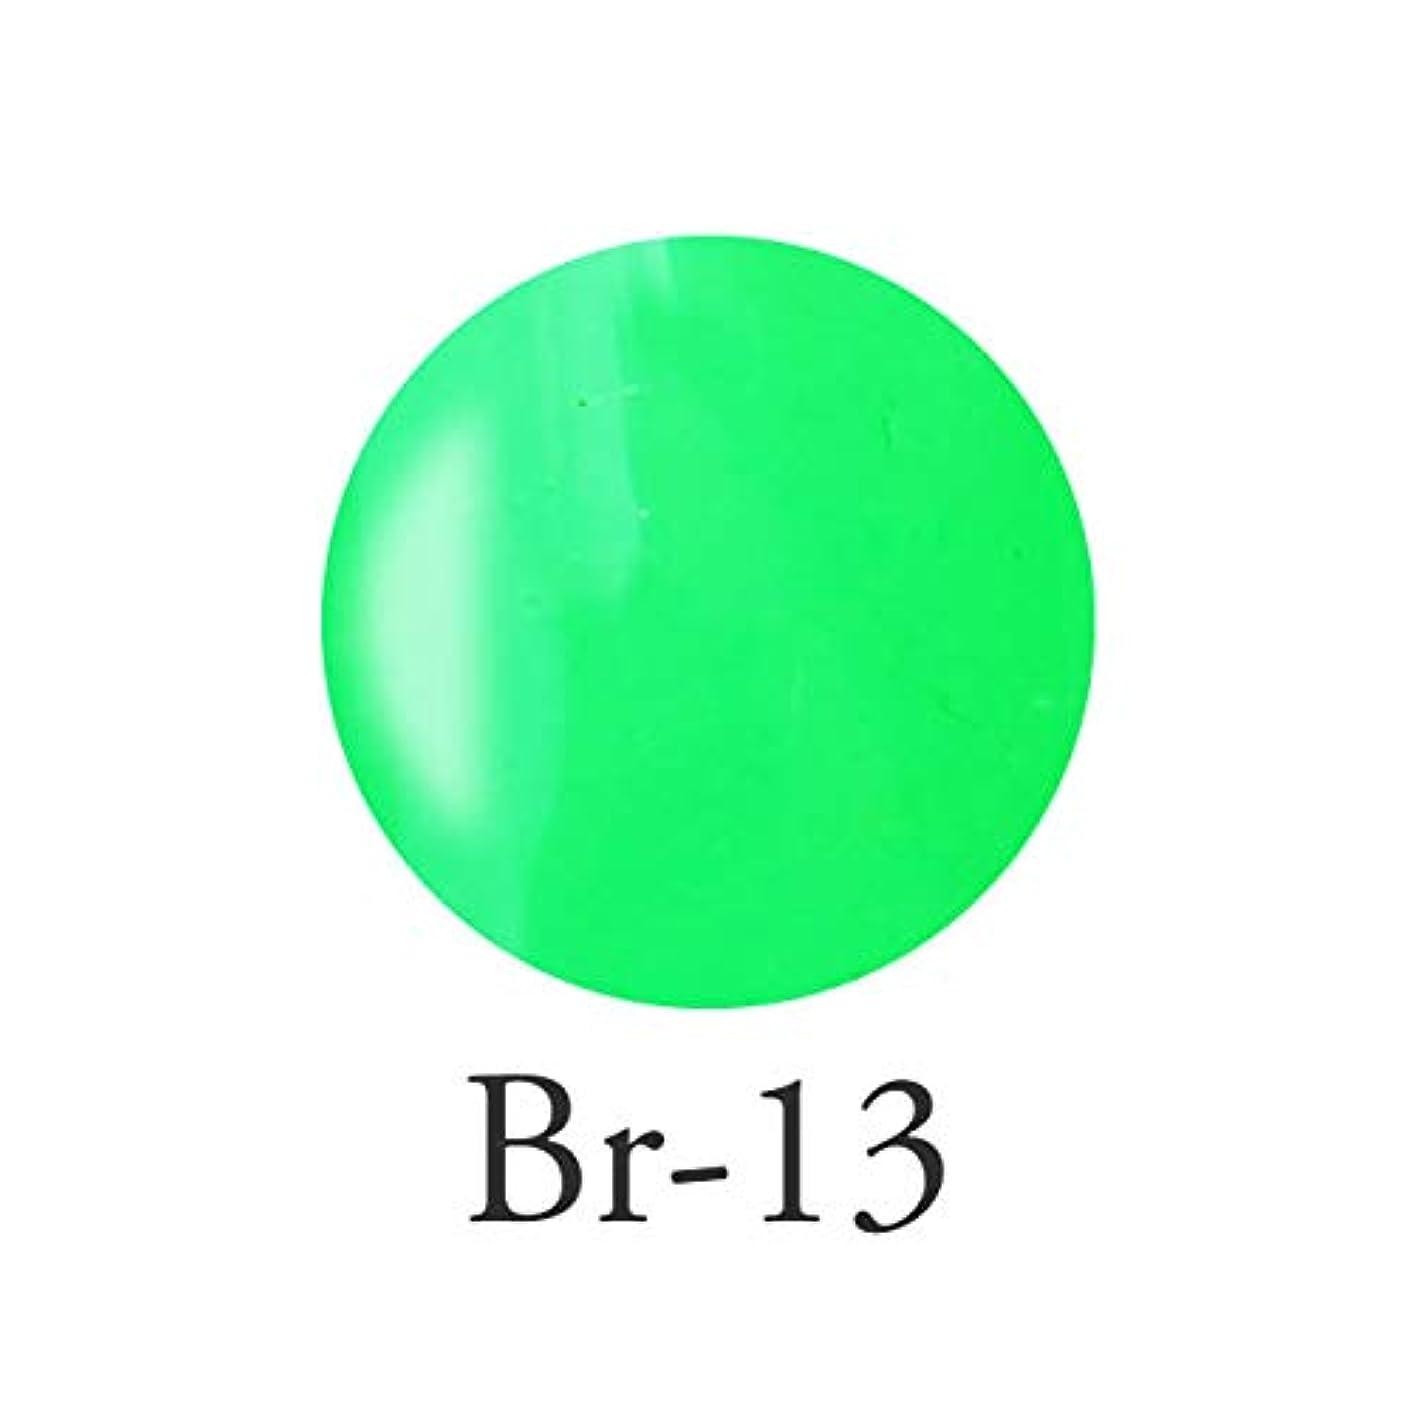 悪意のある伝えるうなるエンジェル クィーンカラージェル レオノールグリーン Br-13 3g